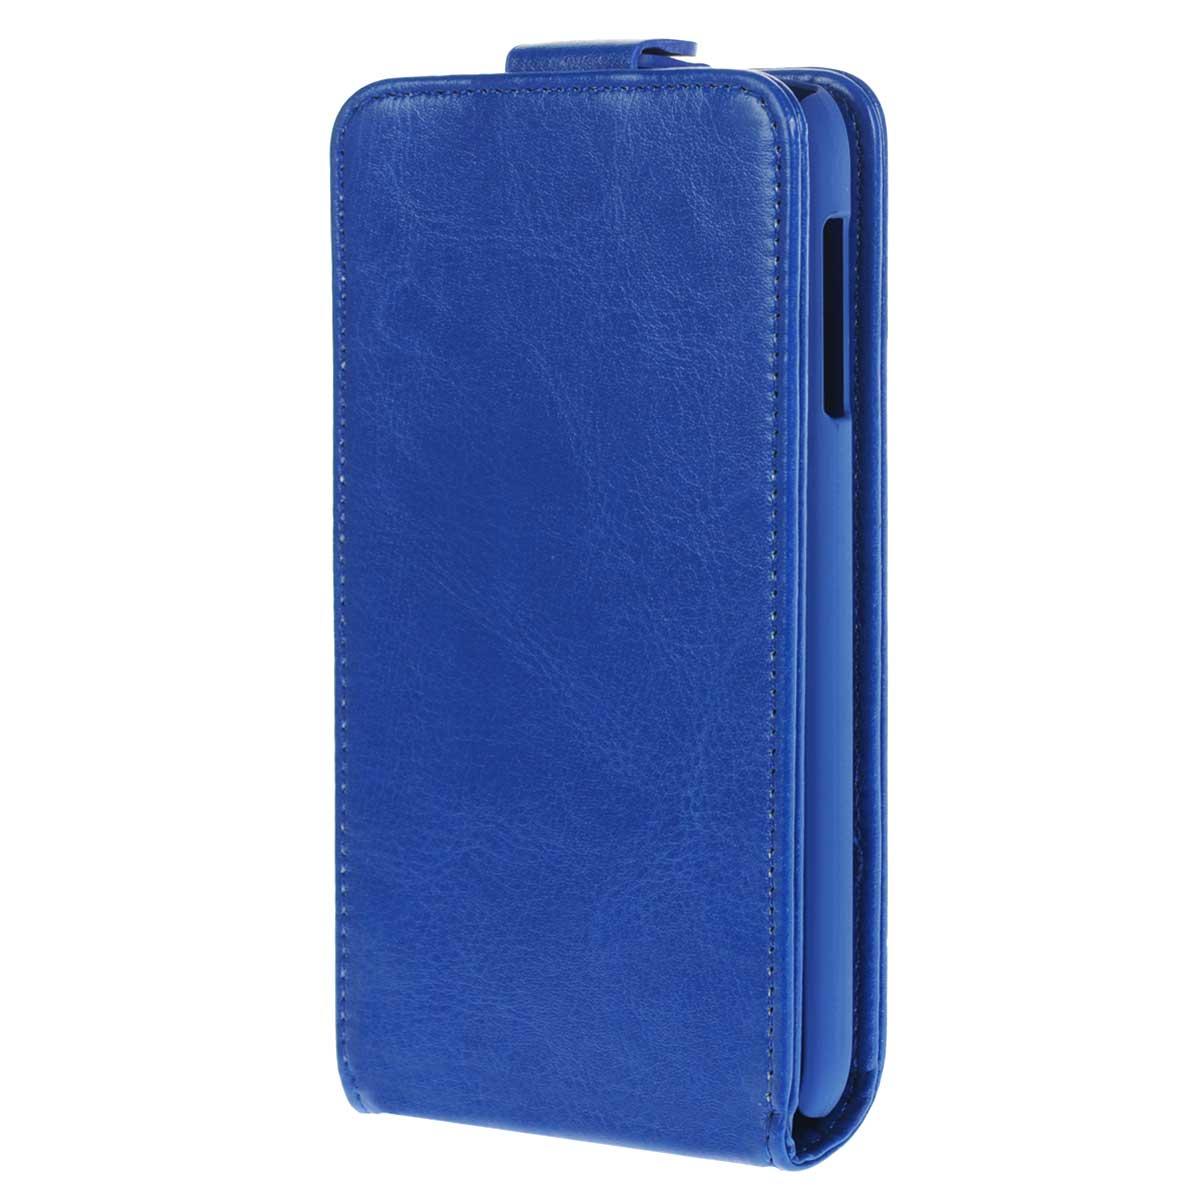 Skinbox Flip Case чехол для HTC Desire 510, BlueT-F-HD510Флип-кейс Skinbox для HTC Desire 510 не ограничивает функционал мобильного телефона. Адаптированная форма оставляет необходимые элементы устройства, такие как разъемы, камера, порт передачи данных, микрофон и динамики легко доступными.Качественная искусственная кожа, из которой изготовлен чехол, очень прочна и практична, а также идеально соответствует натуральной коже и создает приятные ощущения при касании. Смартфон фиксируется на жесткой основе из прочного пластика, которая не только защищает смартфон от ударов, но и максимально долго сохраняет свою форму. Передняя панель флип-кейса закрепляется магнитной застежкой, предотвращающей раскрытие чехла и повреждение дисплея вашего устройства.